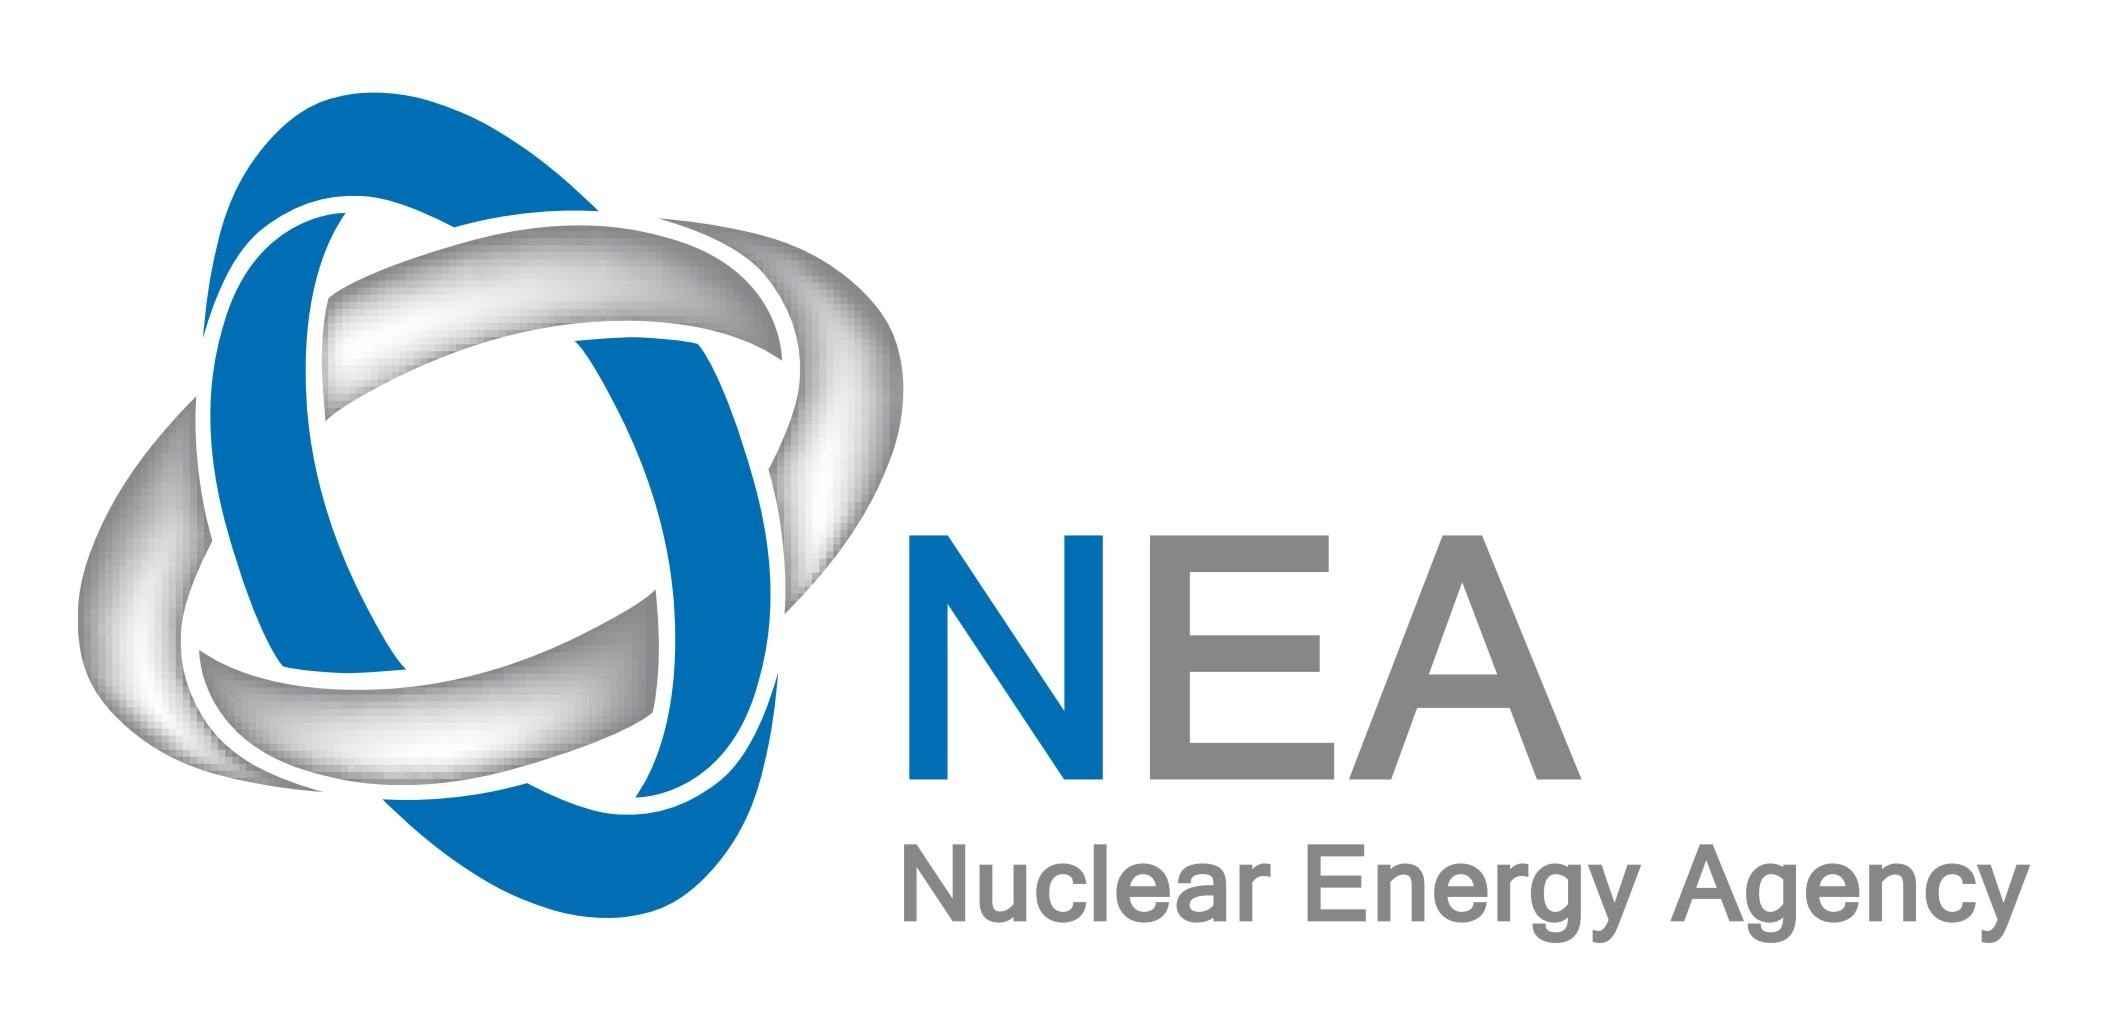 nea nuclear energy agency logo